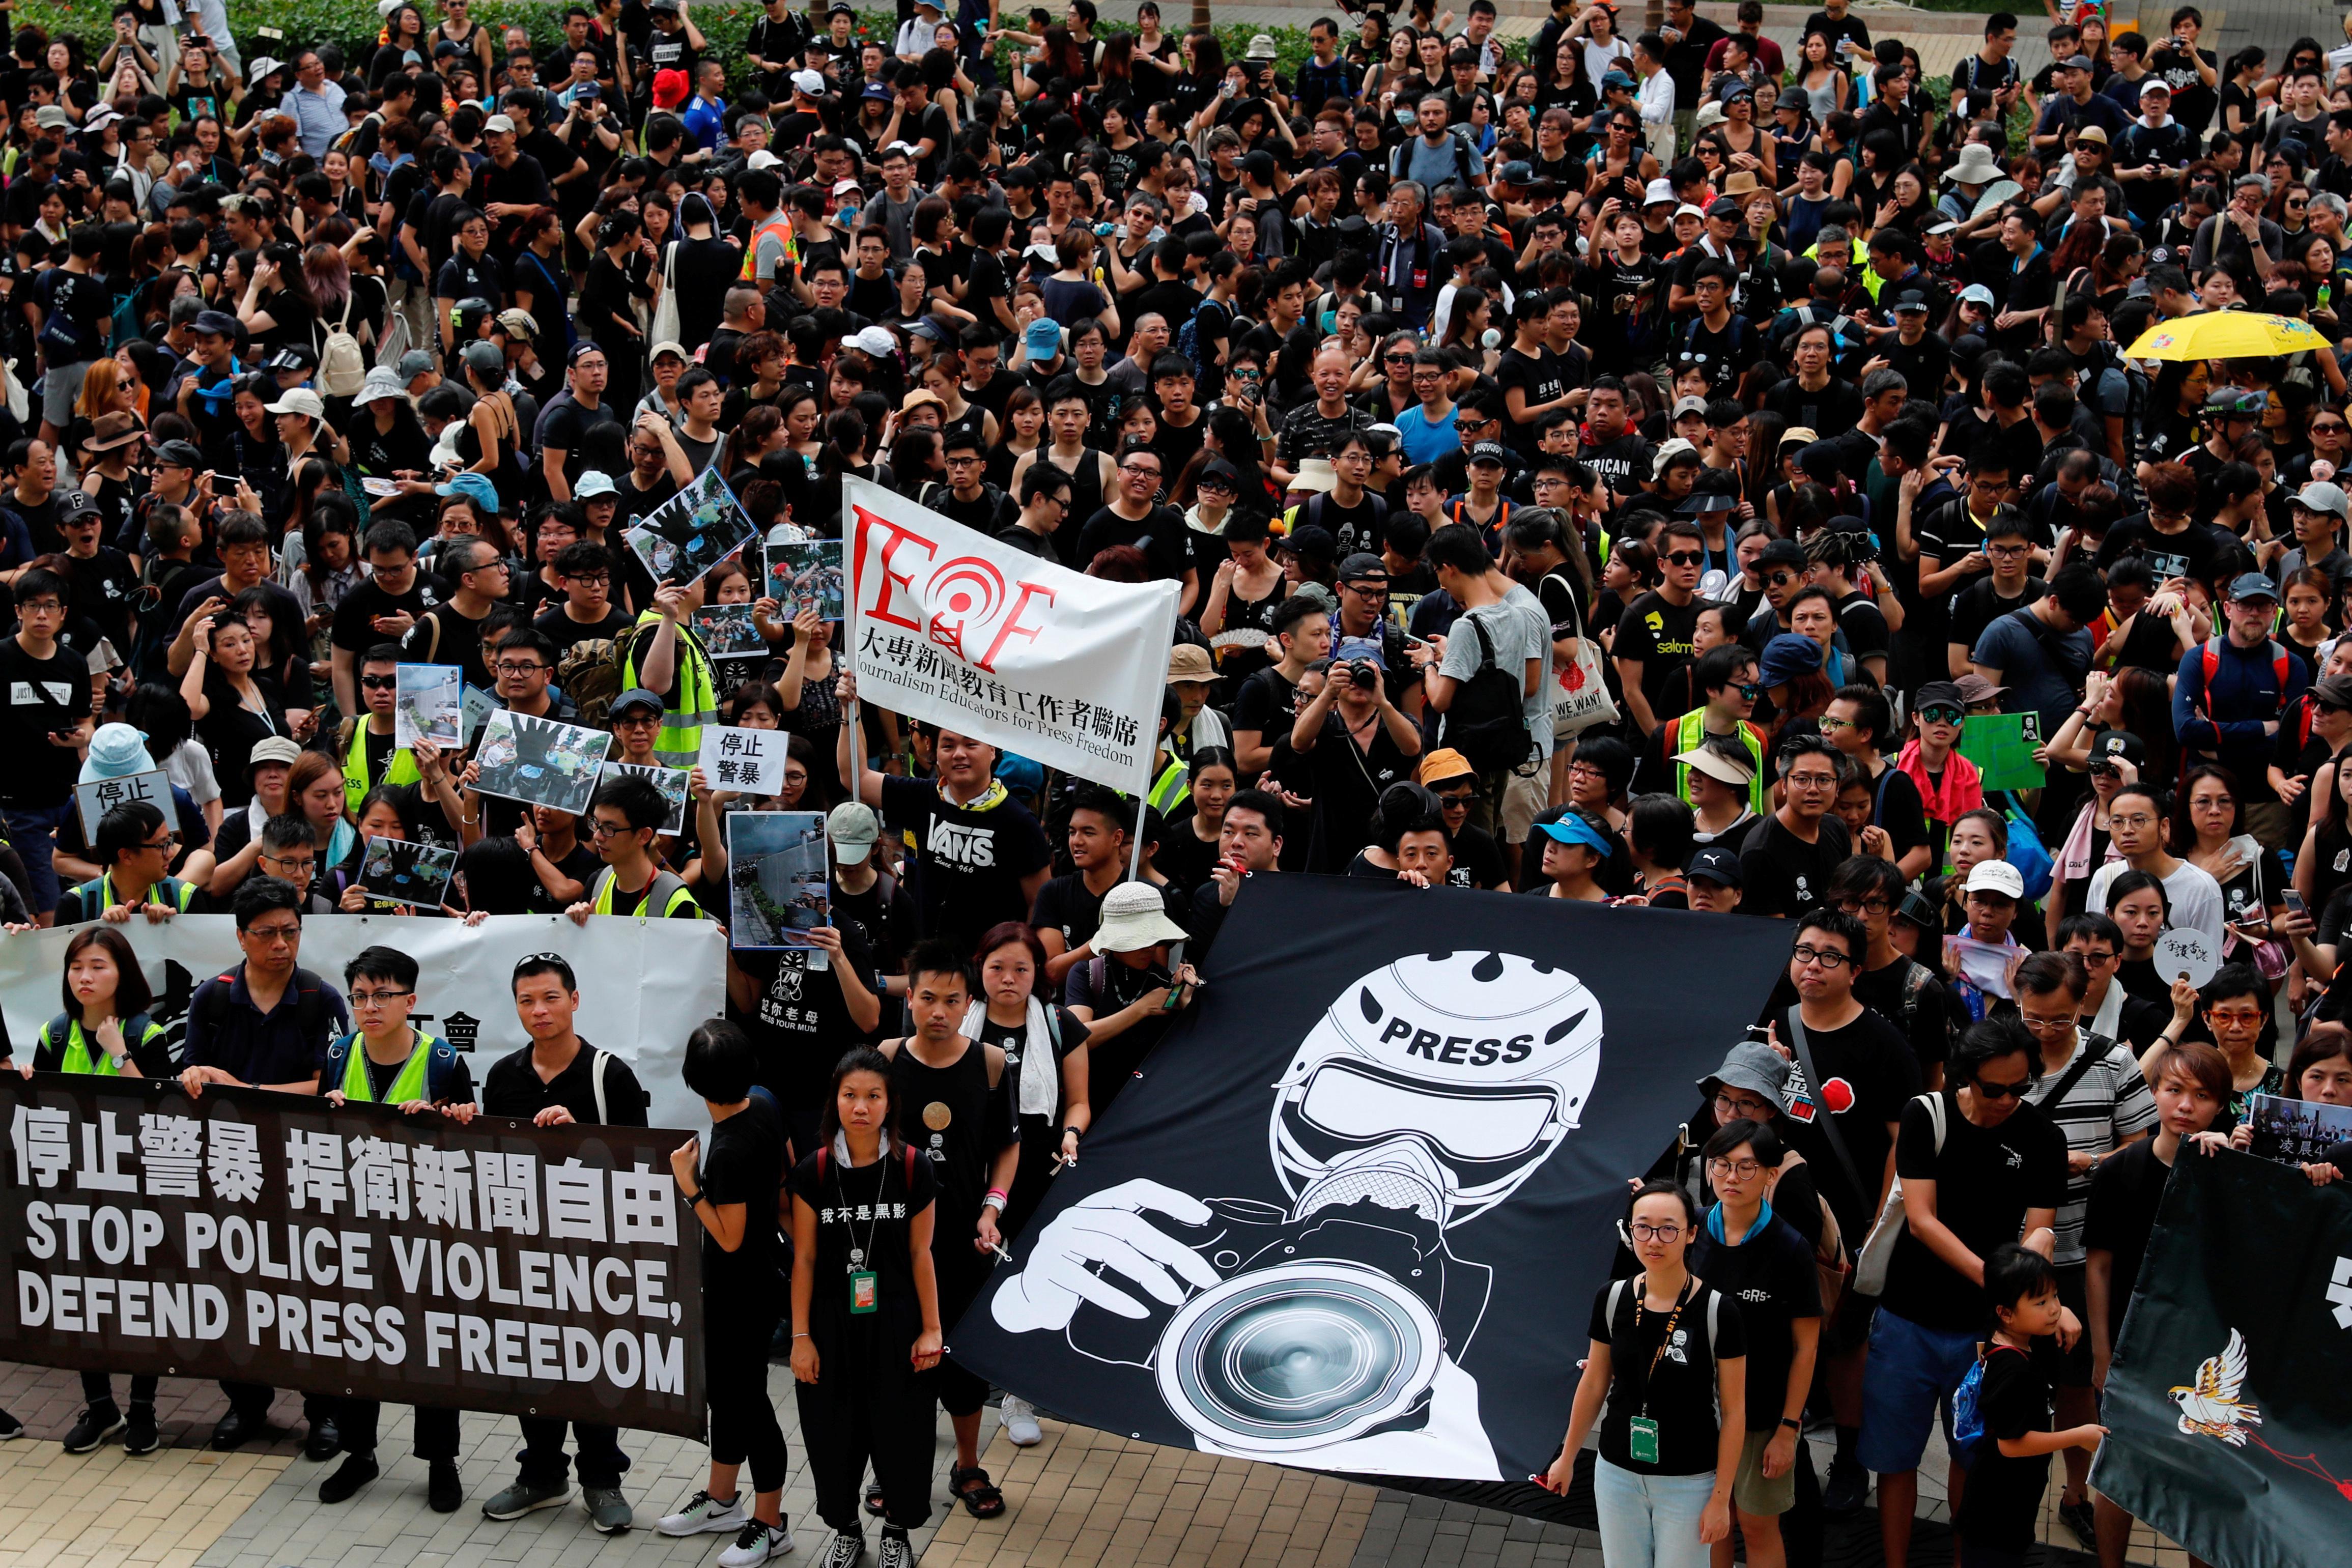 Les manifestants d'extradition de Hong Kong intensifient la lutte dans les banlieues